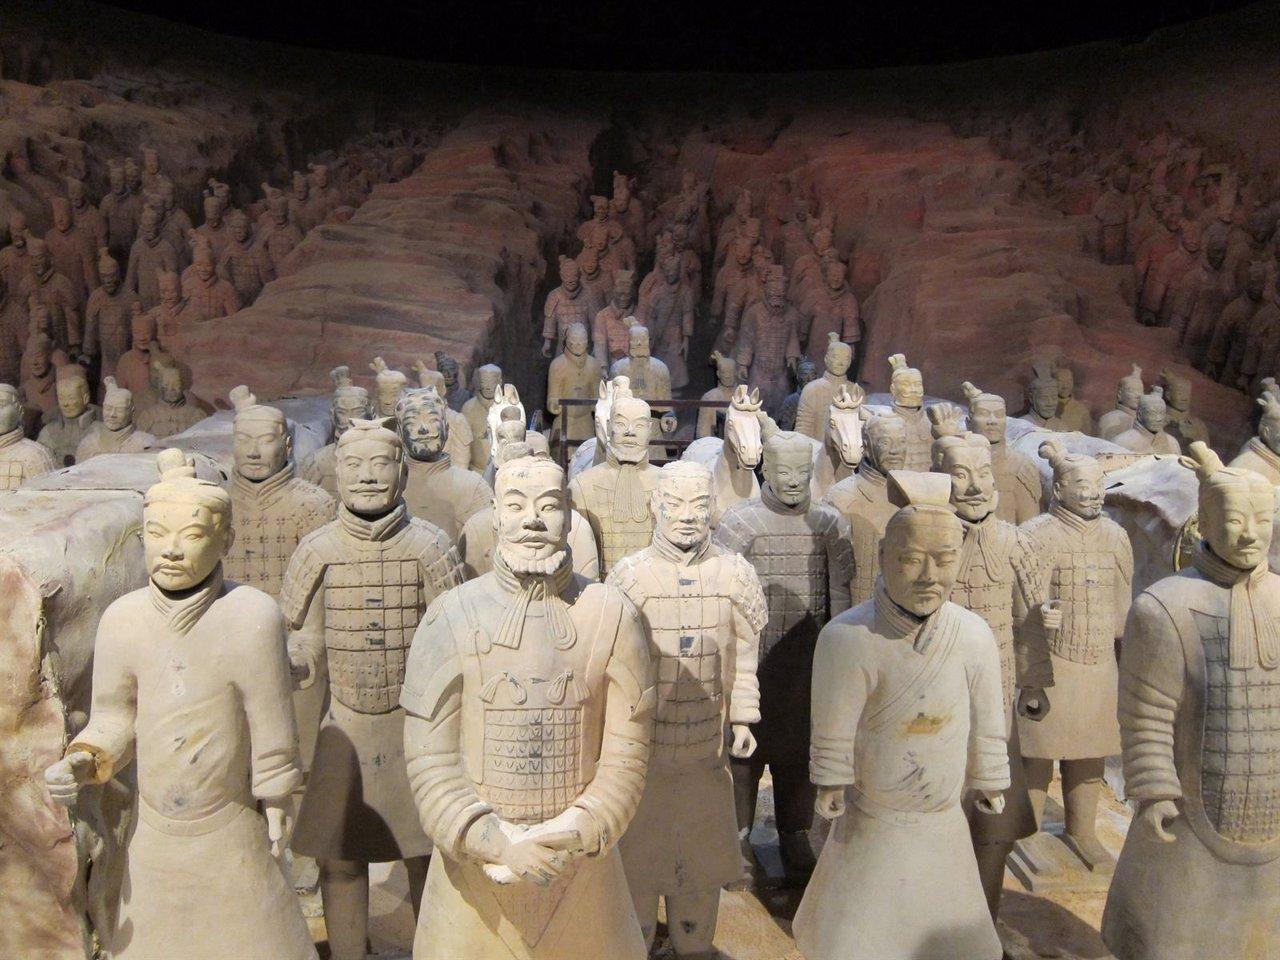 Exposición 'Terracotta Army' sobre los guerreros de Xi'an